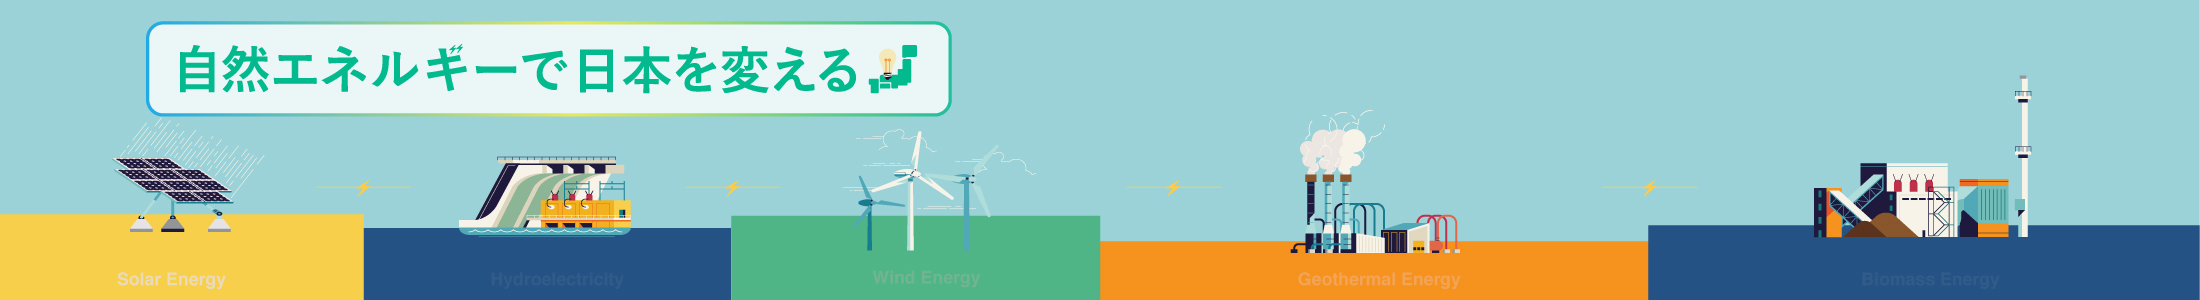 自然エネルギーで日本を変えるイメージ